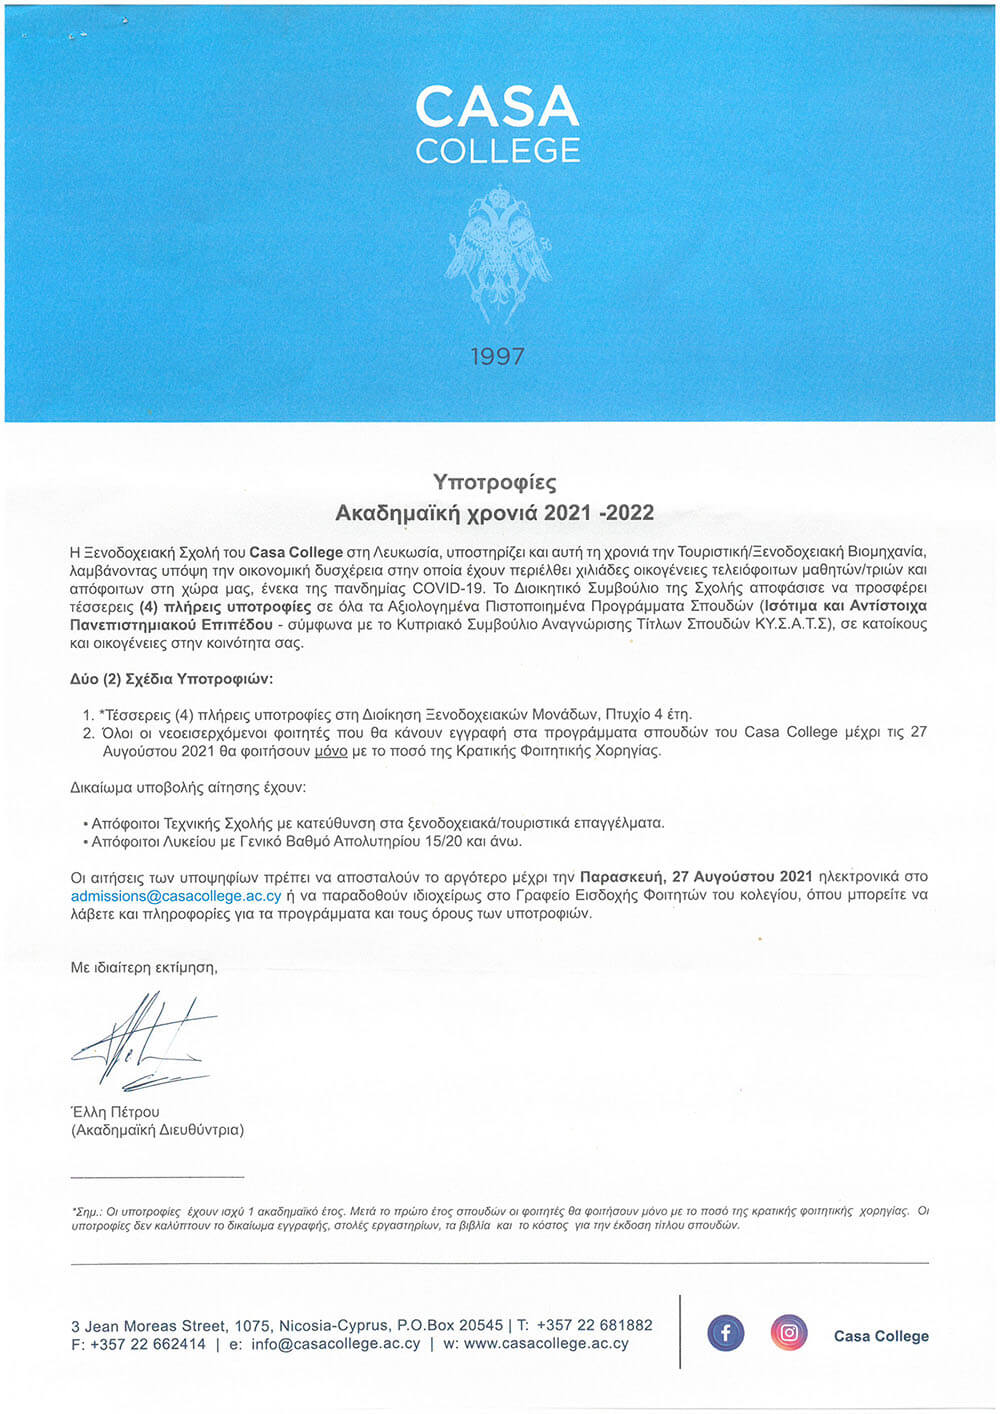 Προσφορά 4 υποτροφιών σε κατοίκους του Δήμου Πέγειας, από την Ξενοδοχειακή Σχολή του CASA COLLEGE στην Λευκωσία.